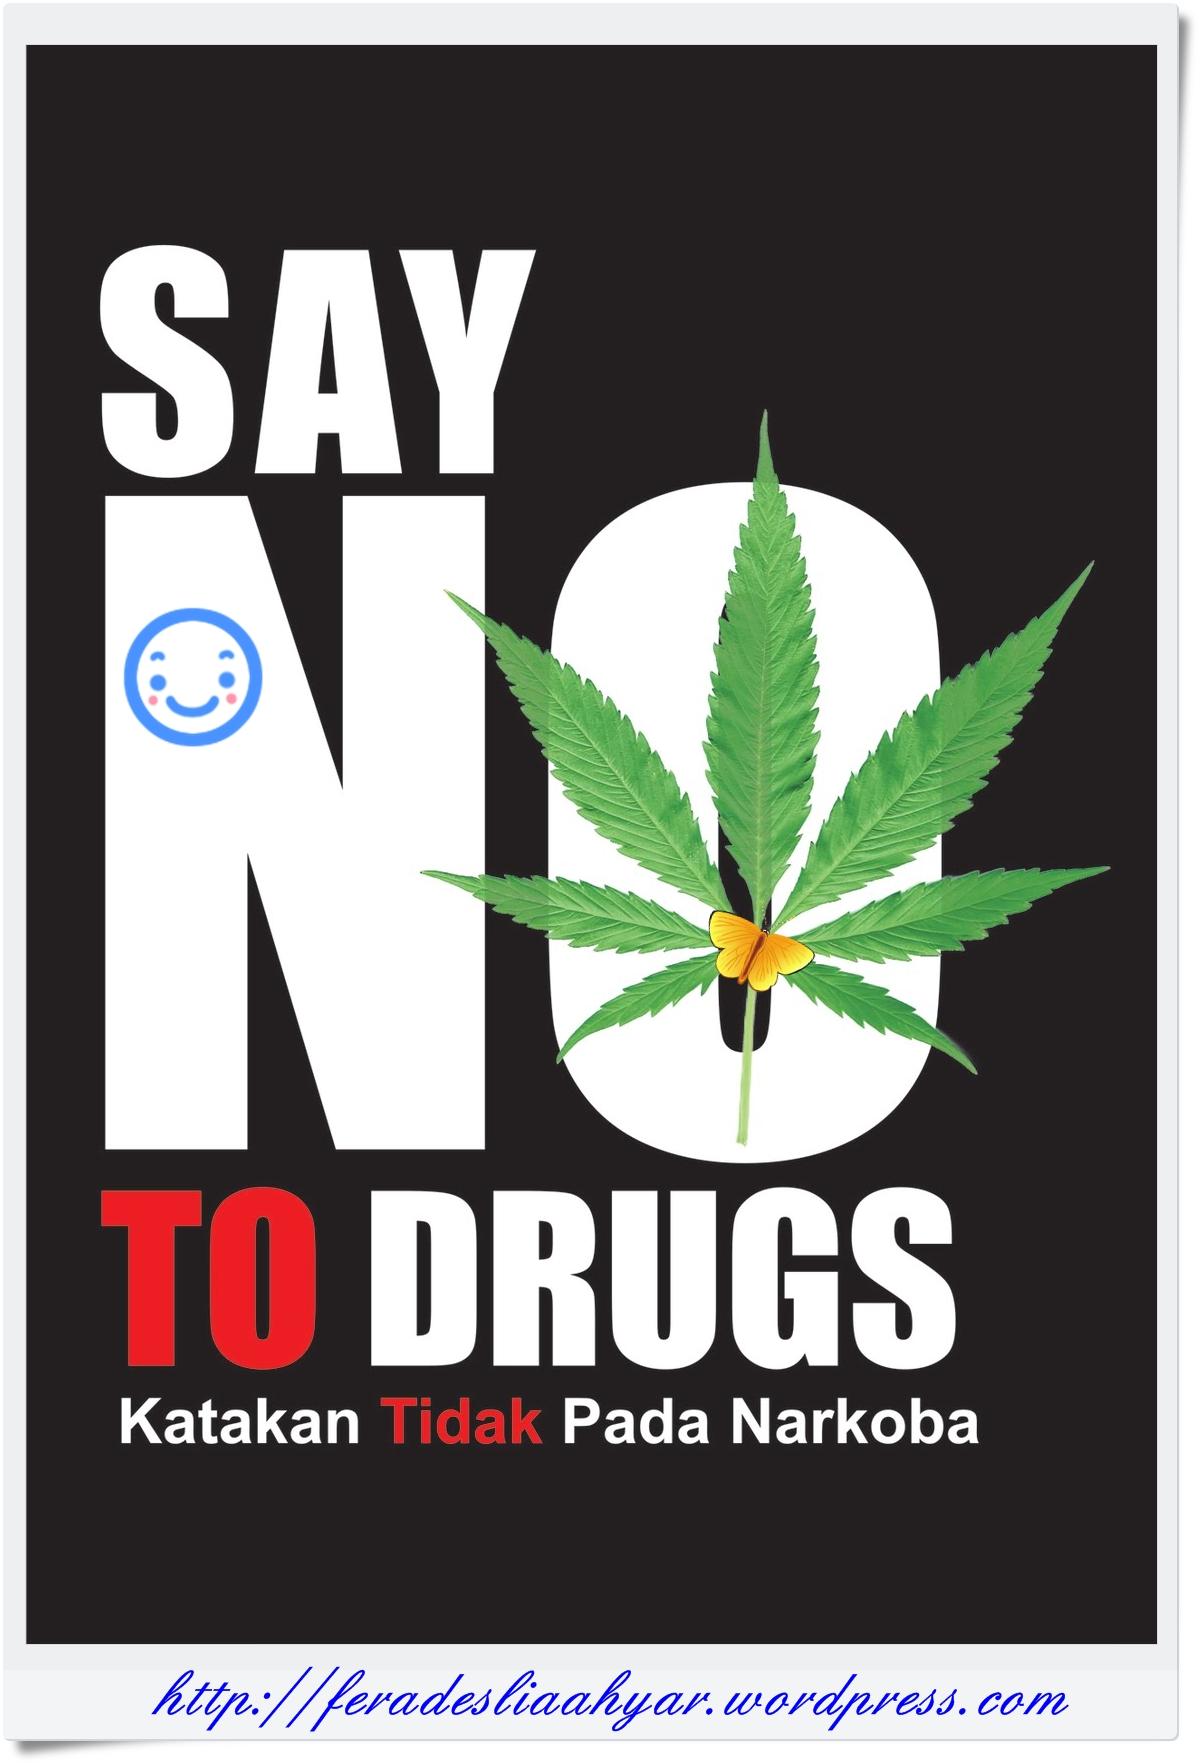 Makalah Pemberdayaan Masyarakat Sarjanaku Makalah Bahaya Narkoba Terhadap Pelajar – Fera Deslia Ahyar